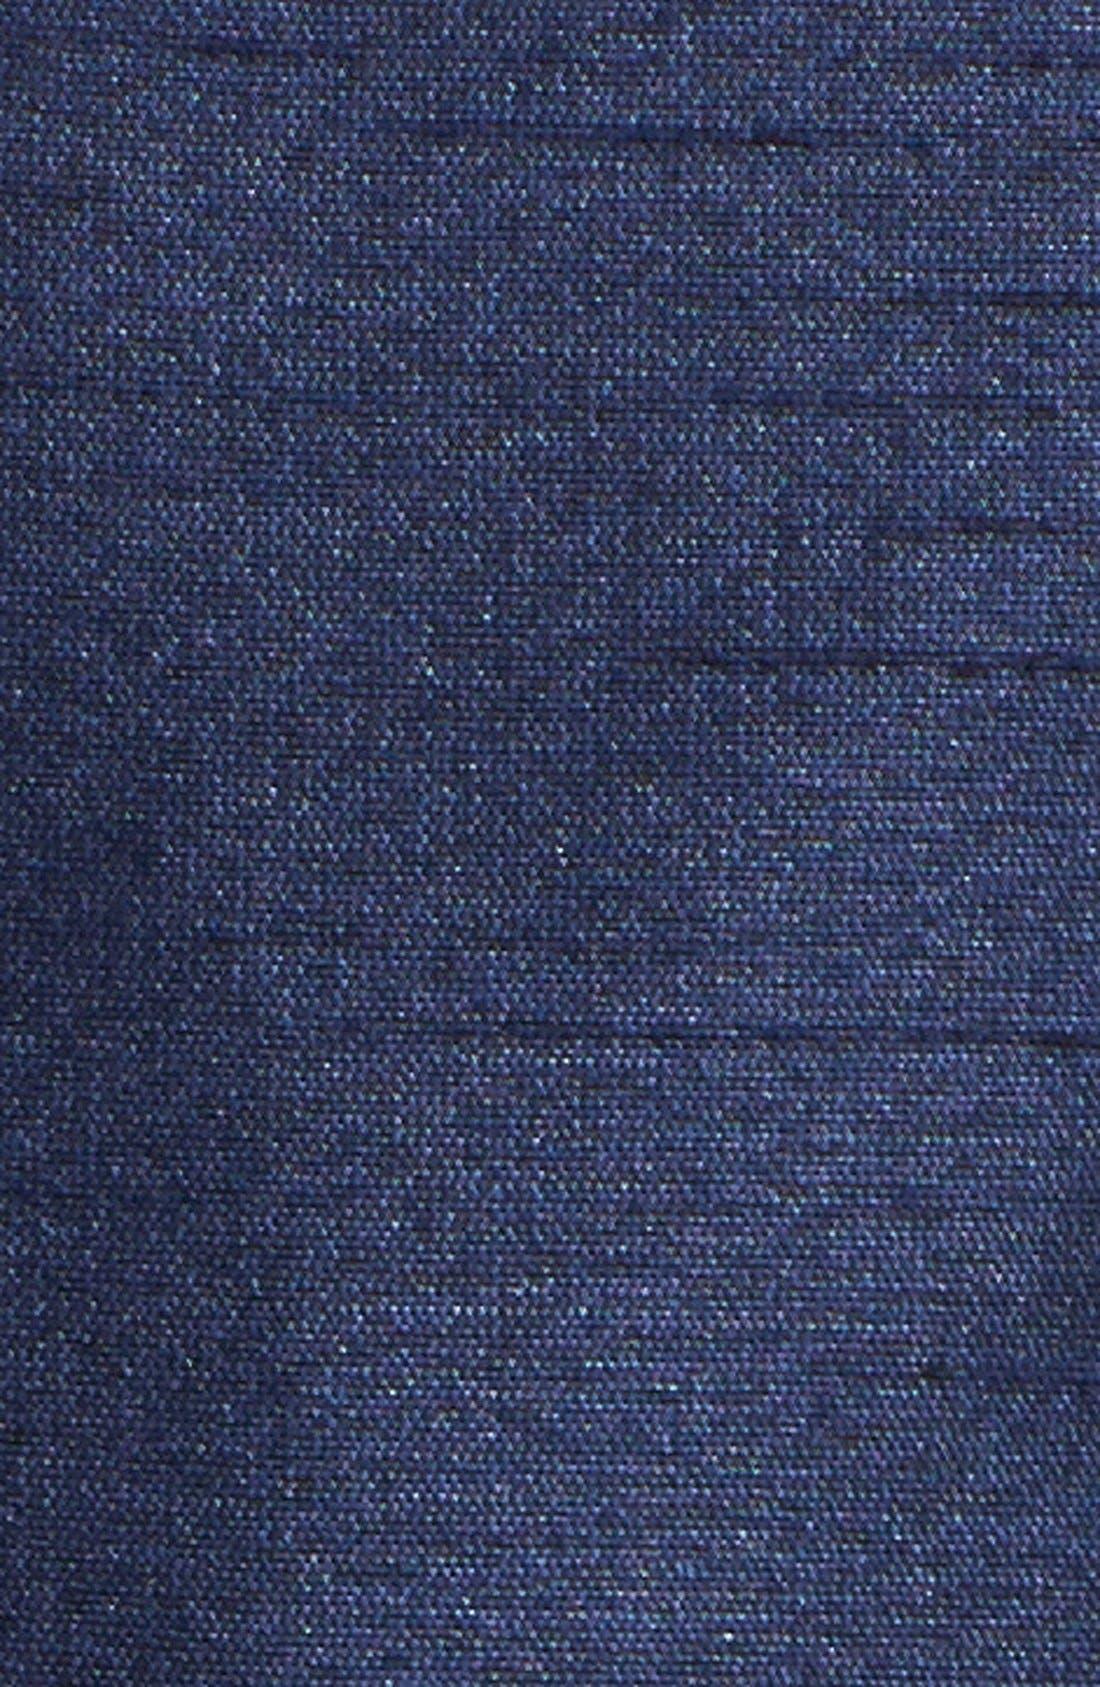 Dupioni Fit & Flare Dress,                             Alternate thumbnail 29, color,